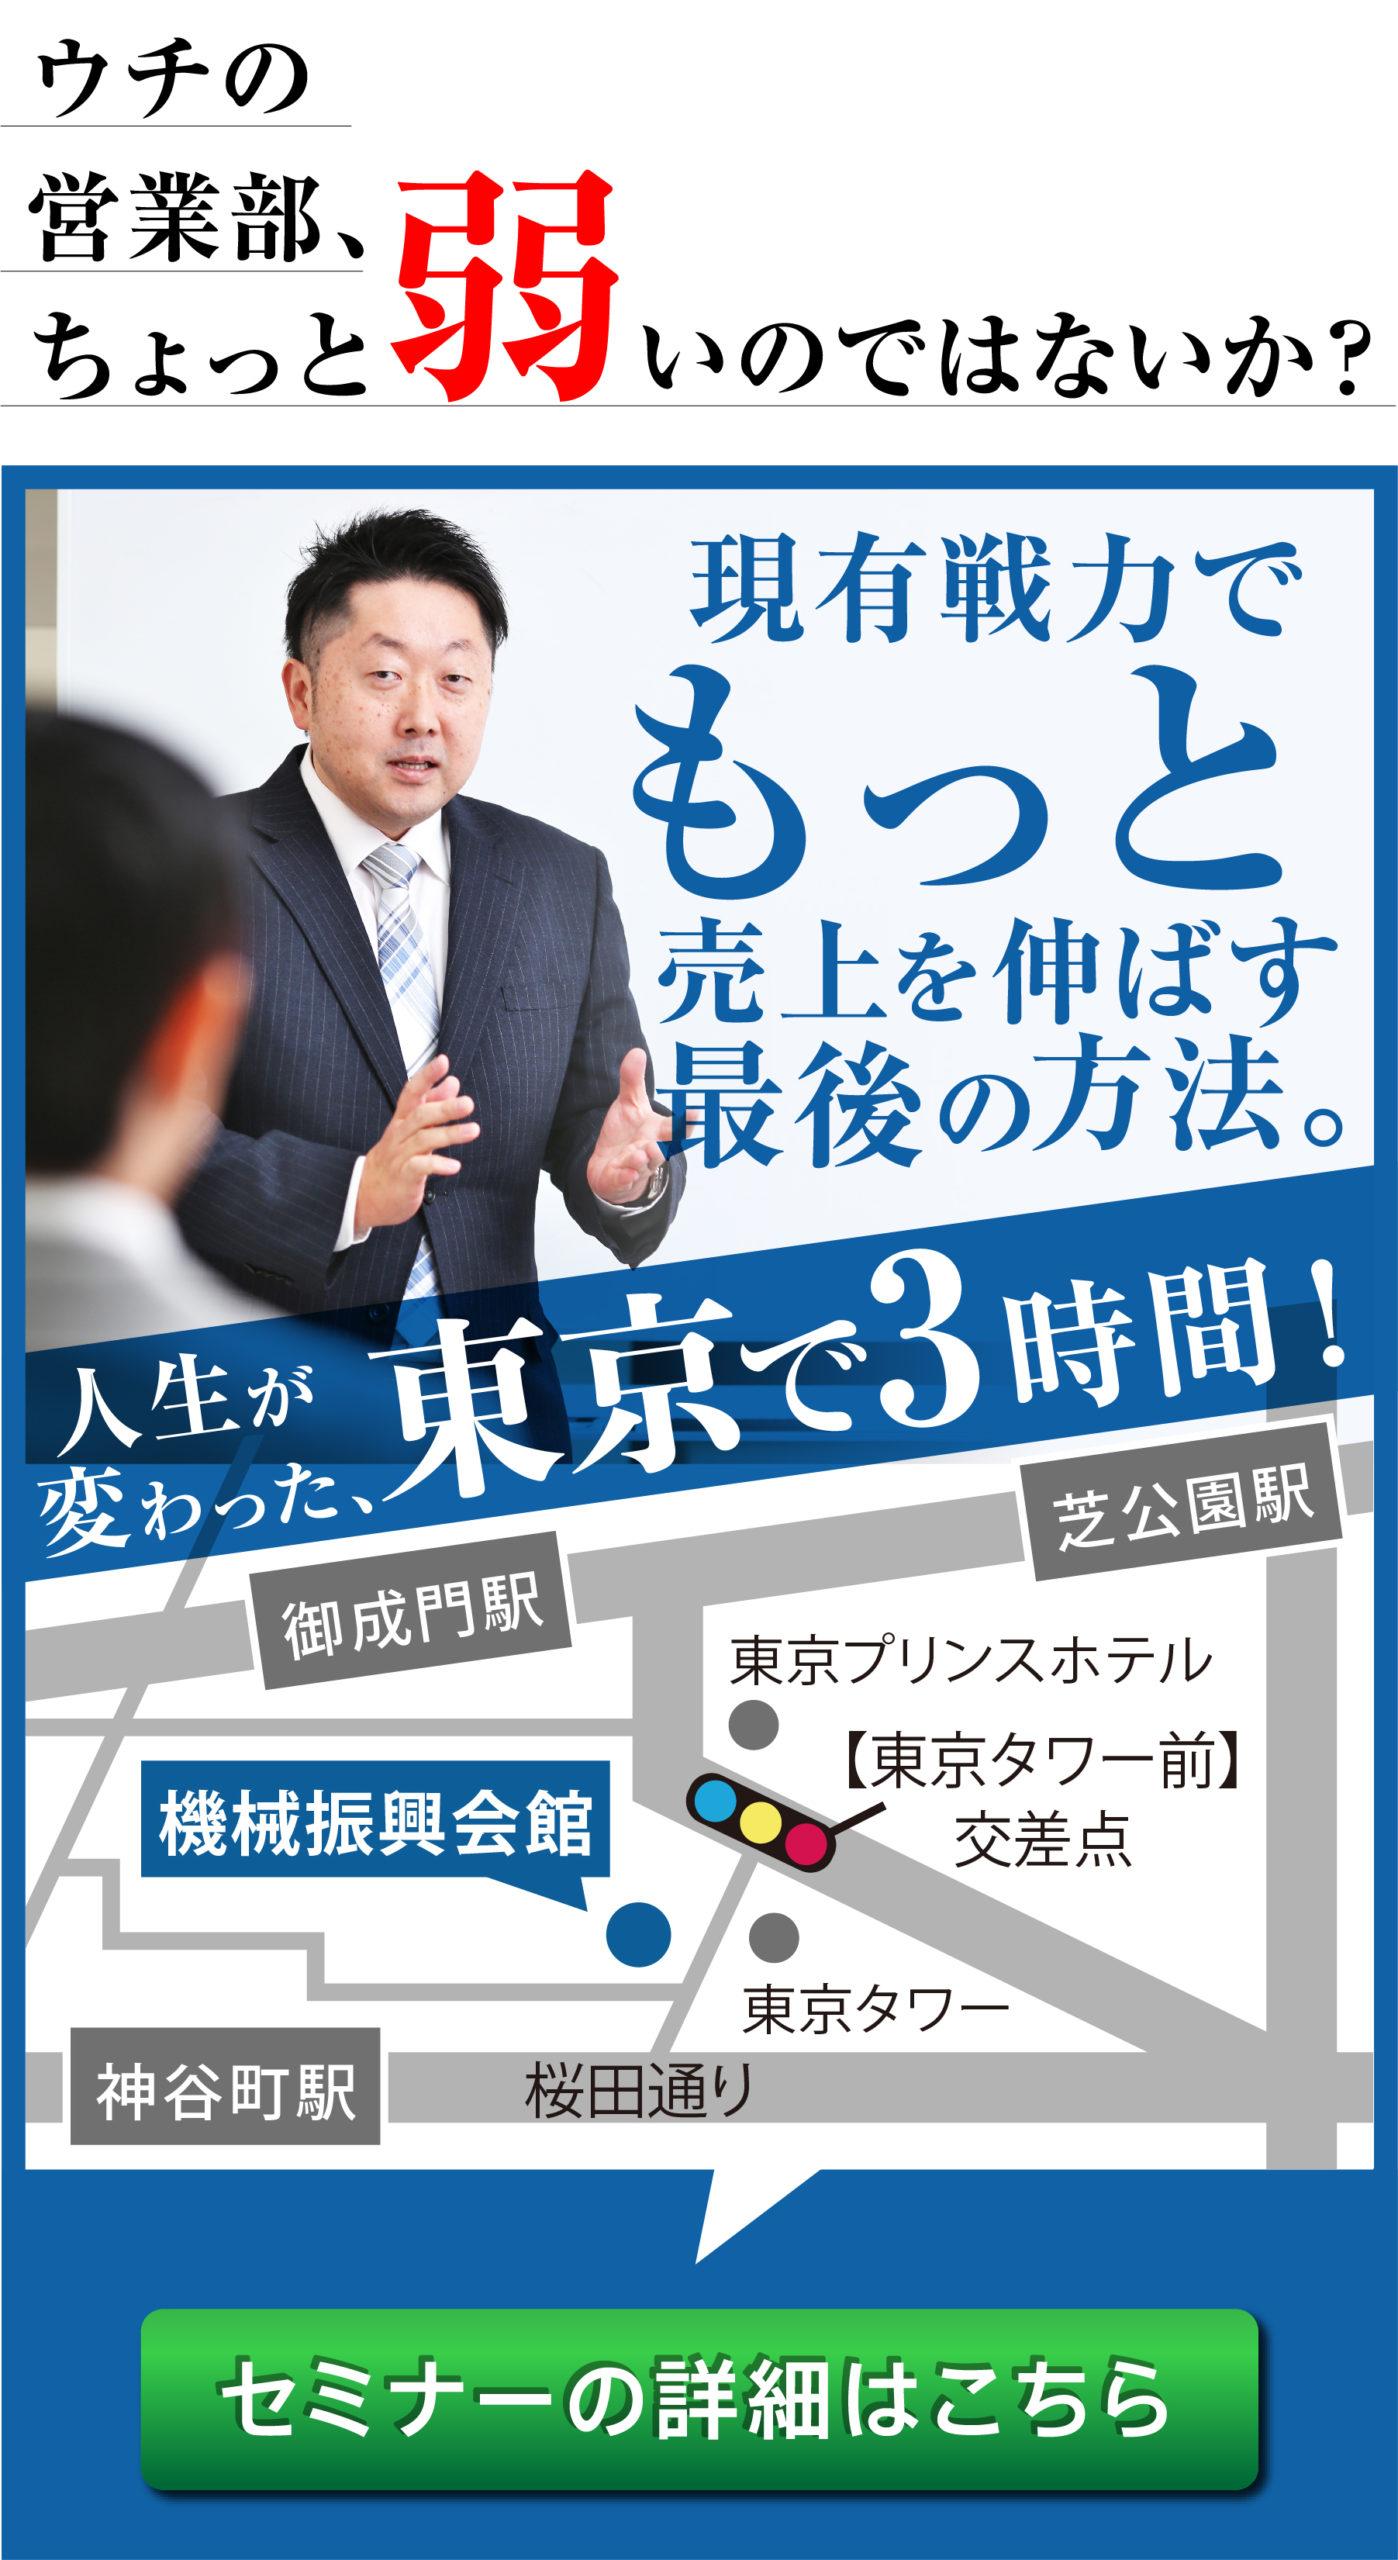 【東京開催】 2020年3月25日(水)